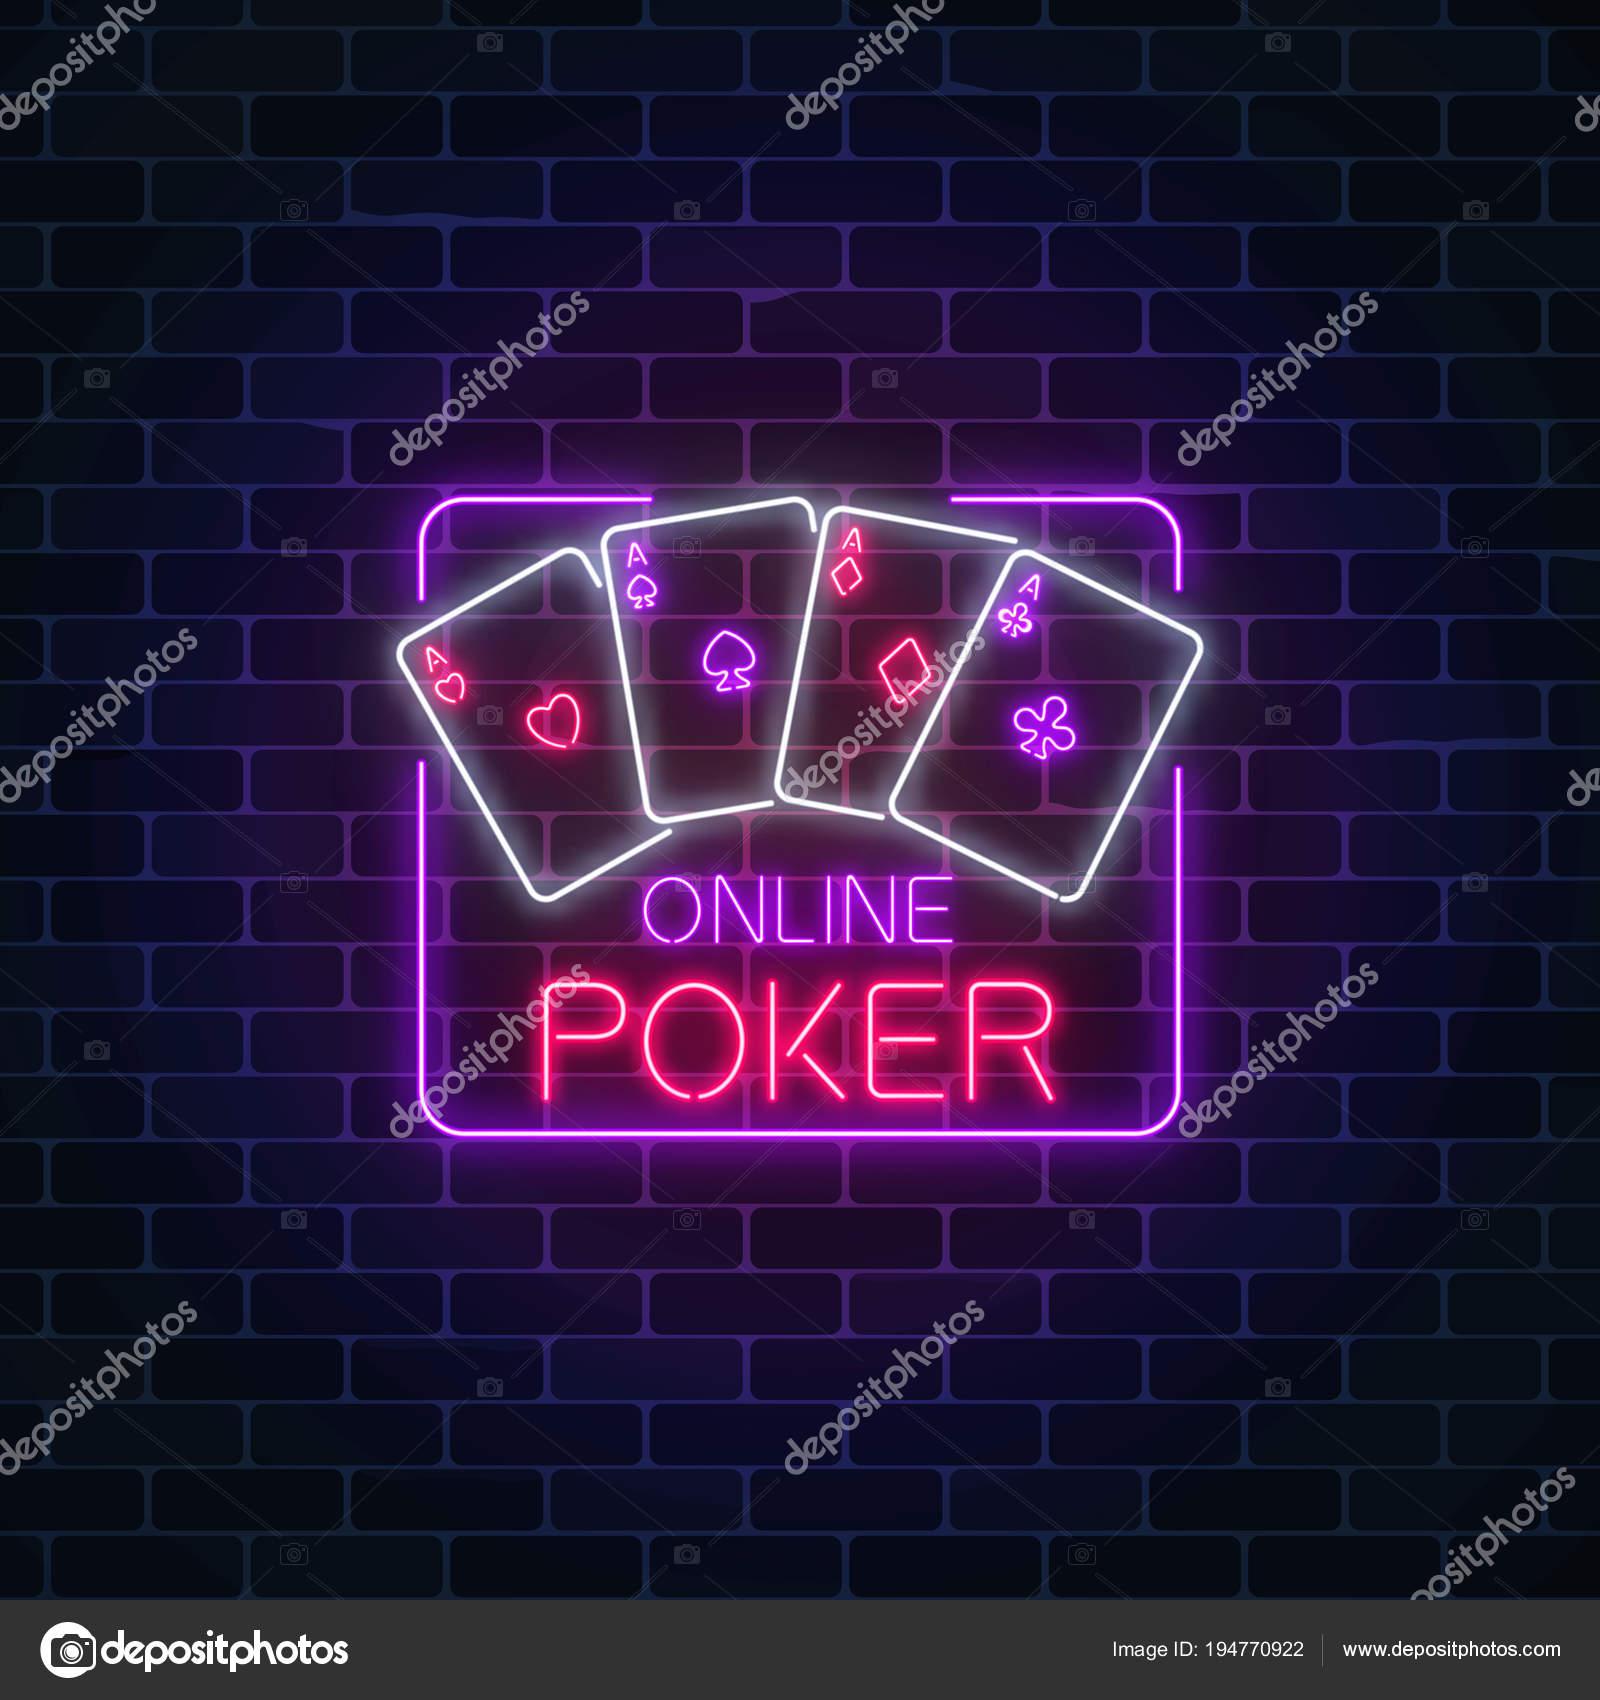 29f41987f69 Rougeoyant au néon d application de poker en ligne dans le cadre du  rectangle sur fond de mur de briques sombres. Enseigne lumineuse de casino.